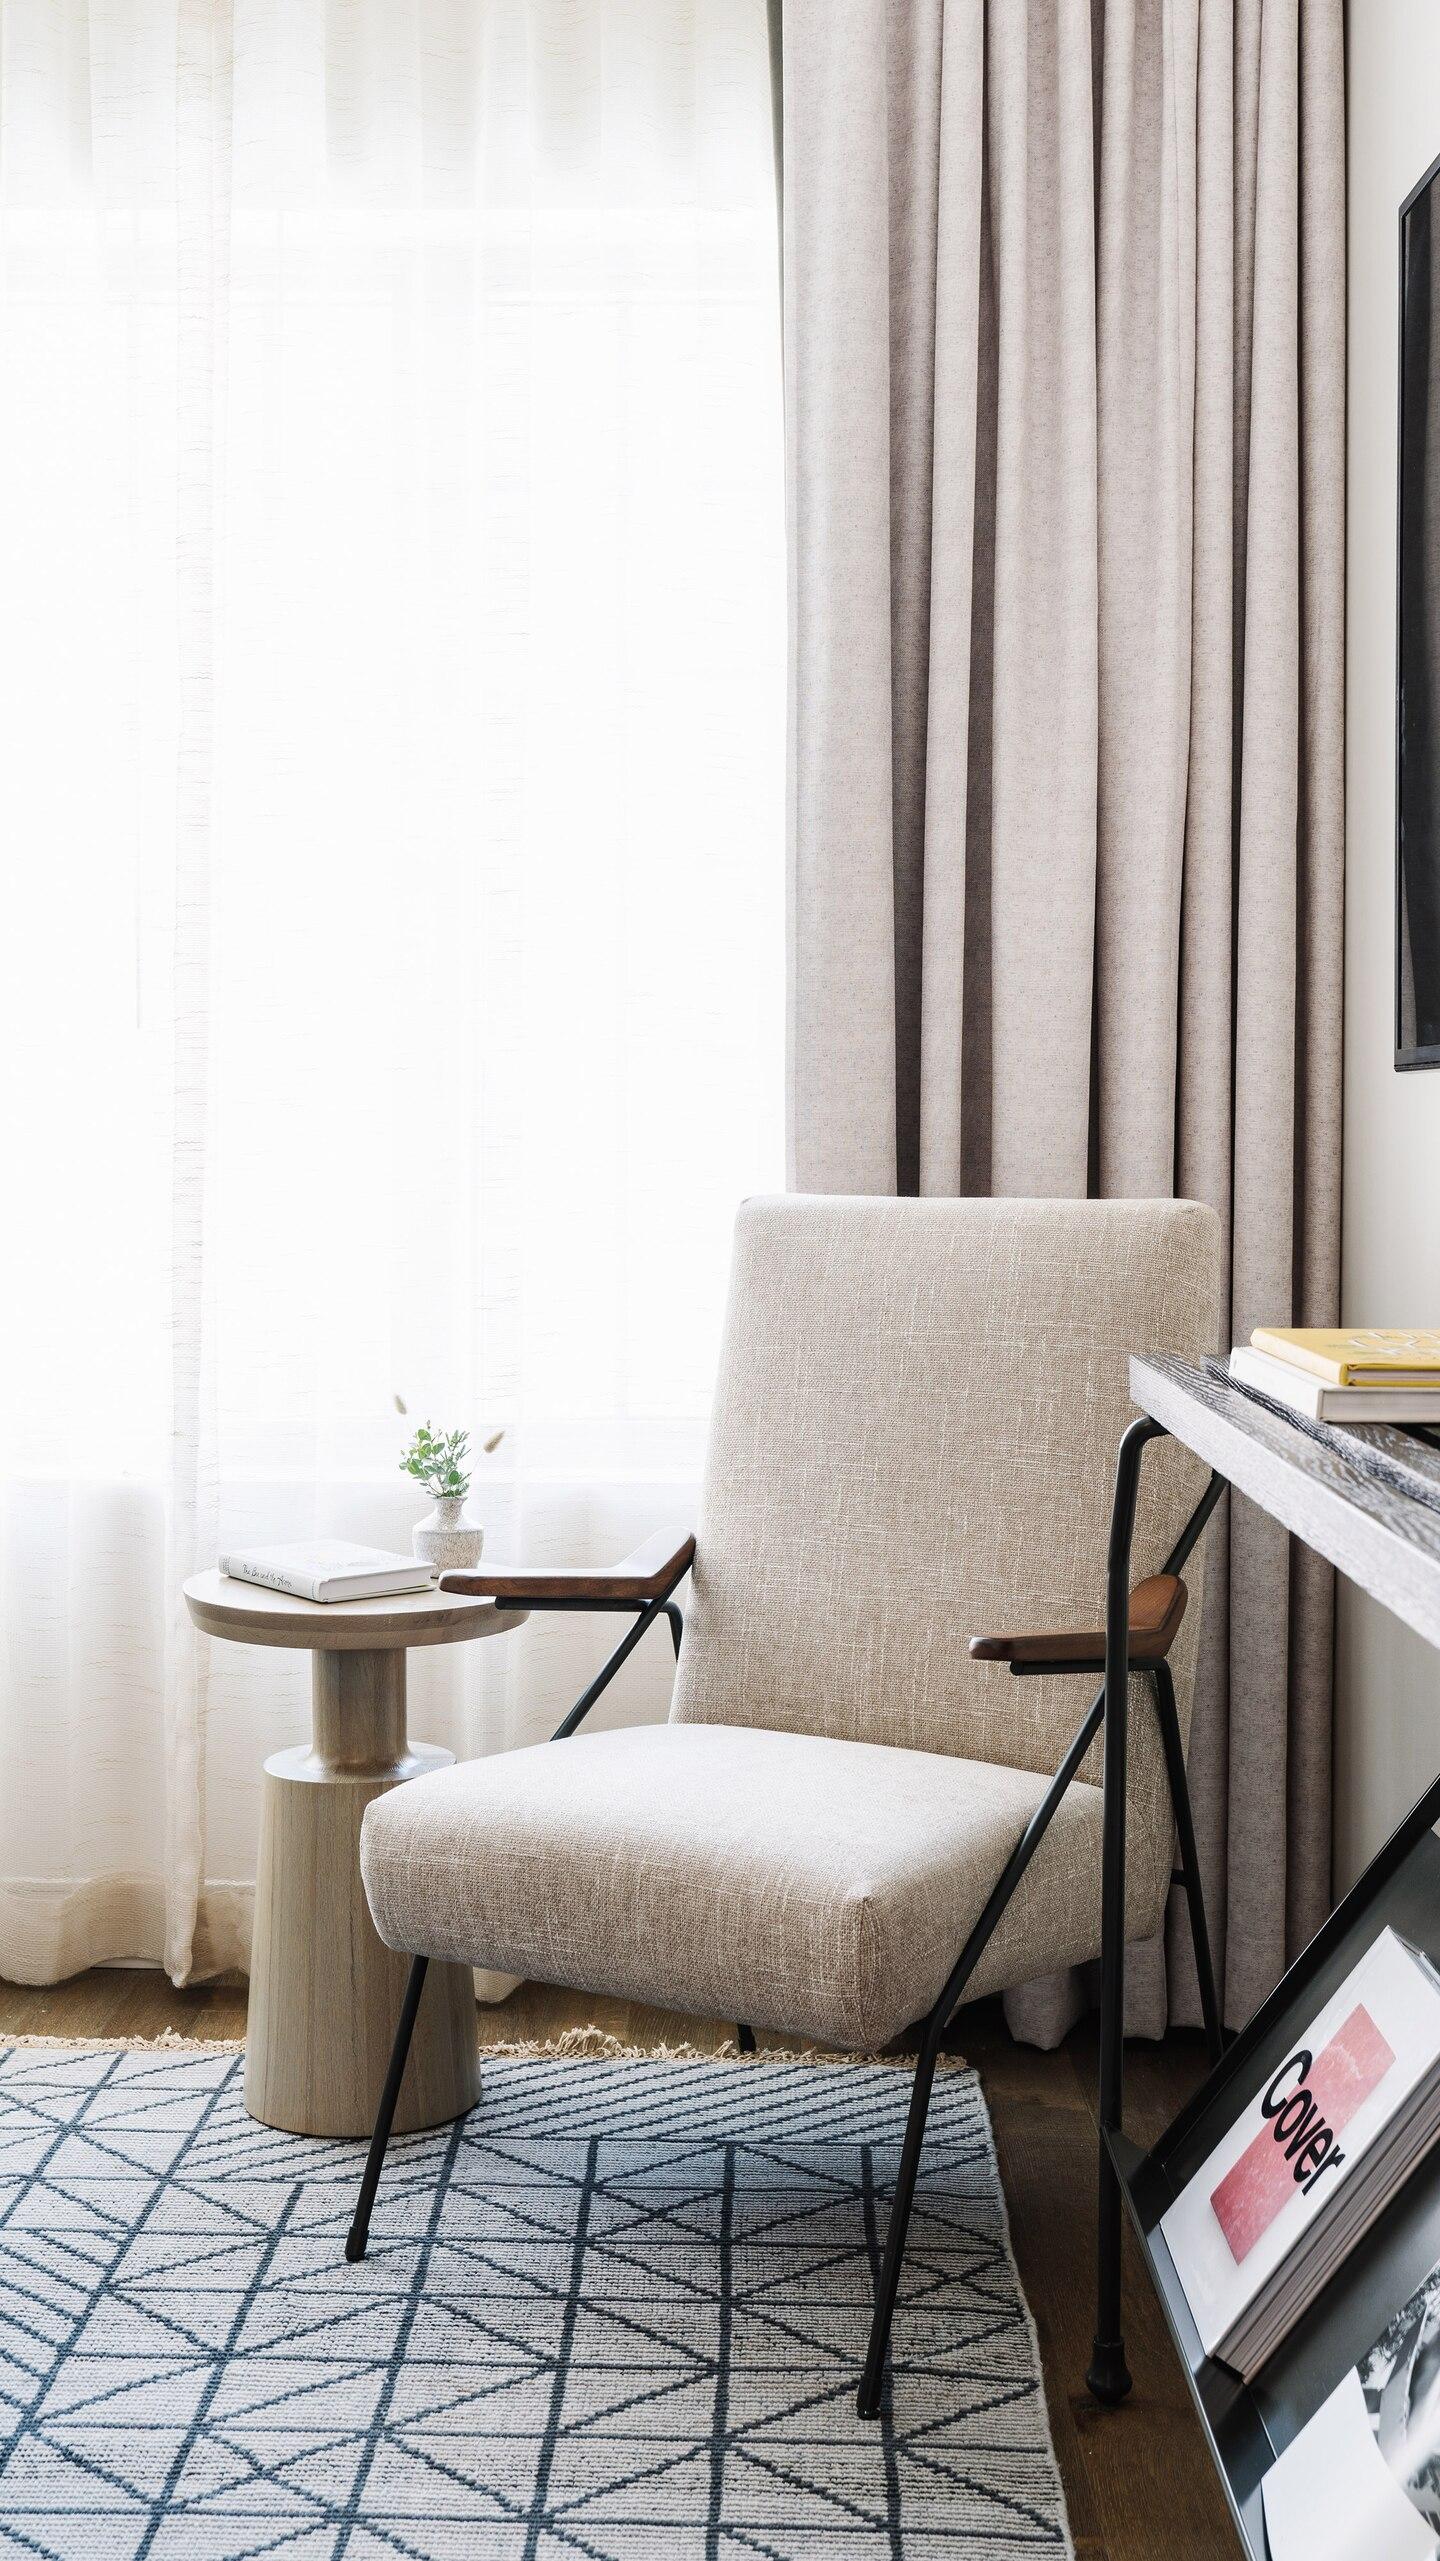 savtx-guestroom-living-9574-ver-wide.jpg